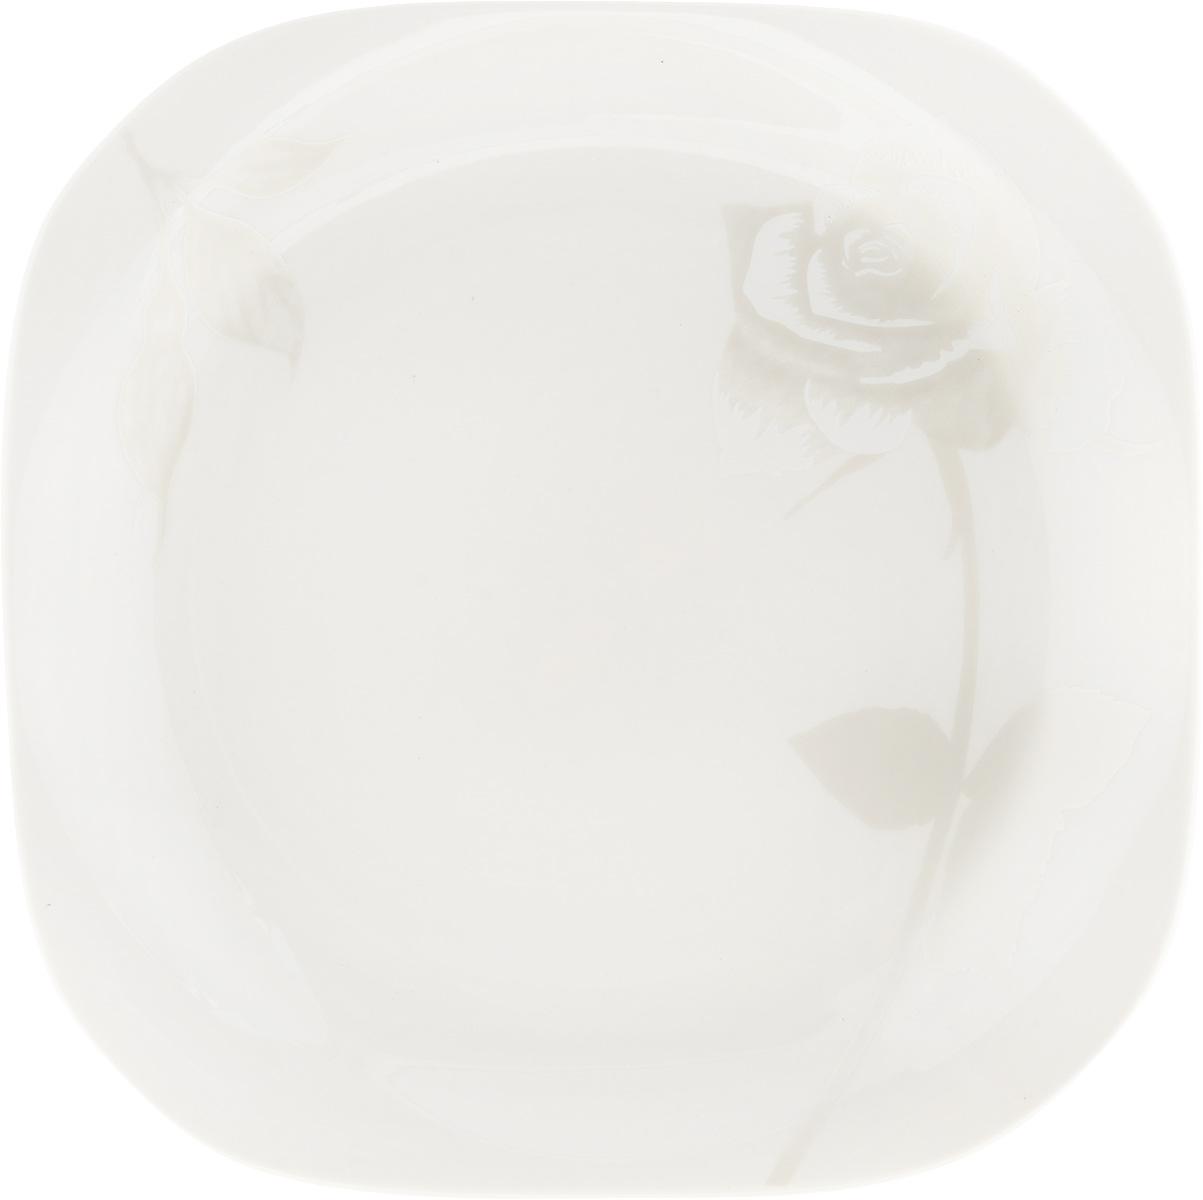 Тарелка десертная Жемчужная роза, 18 x 18 см530076Десертная тарелка Жемчужная роза изготовлена из глазурованного фарфора. Она предназначена для подачи десертов. Также может использоваться как блюдо для сервировки закусок.Изящная тарелка прекрасно оформит стол и порадует ваших гостей изысканным дизайном и формой. Размер тарелки: 18 х 18 см.